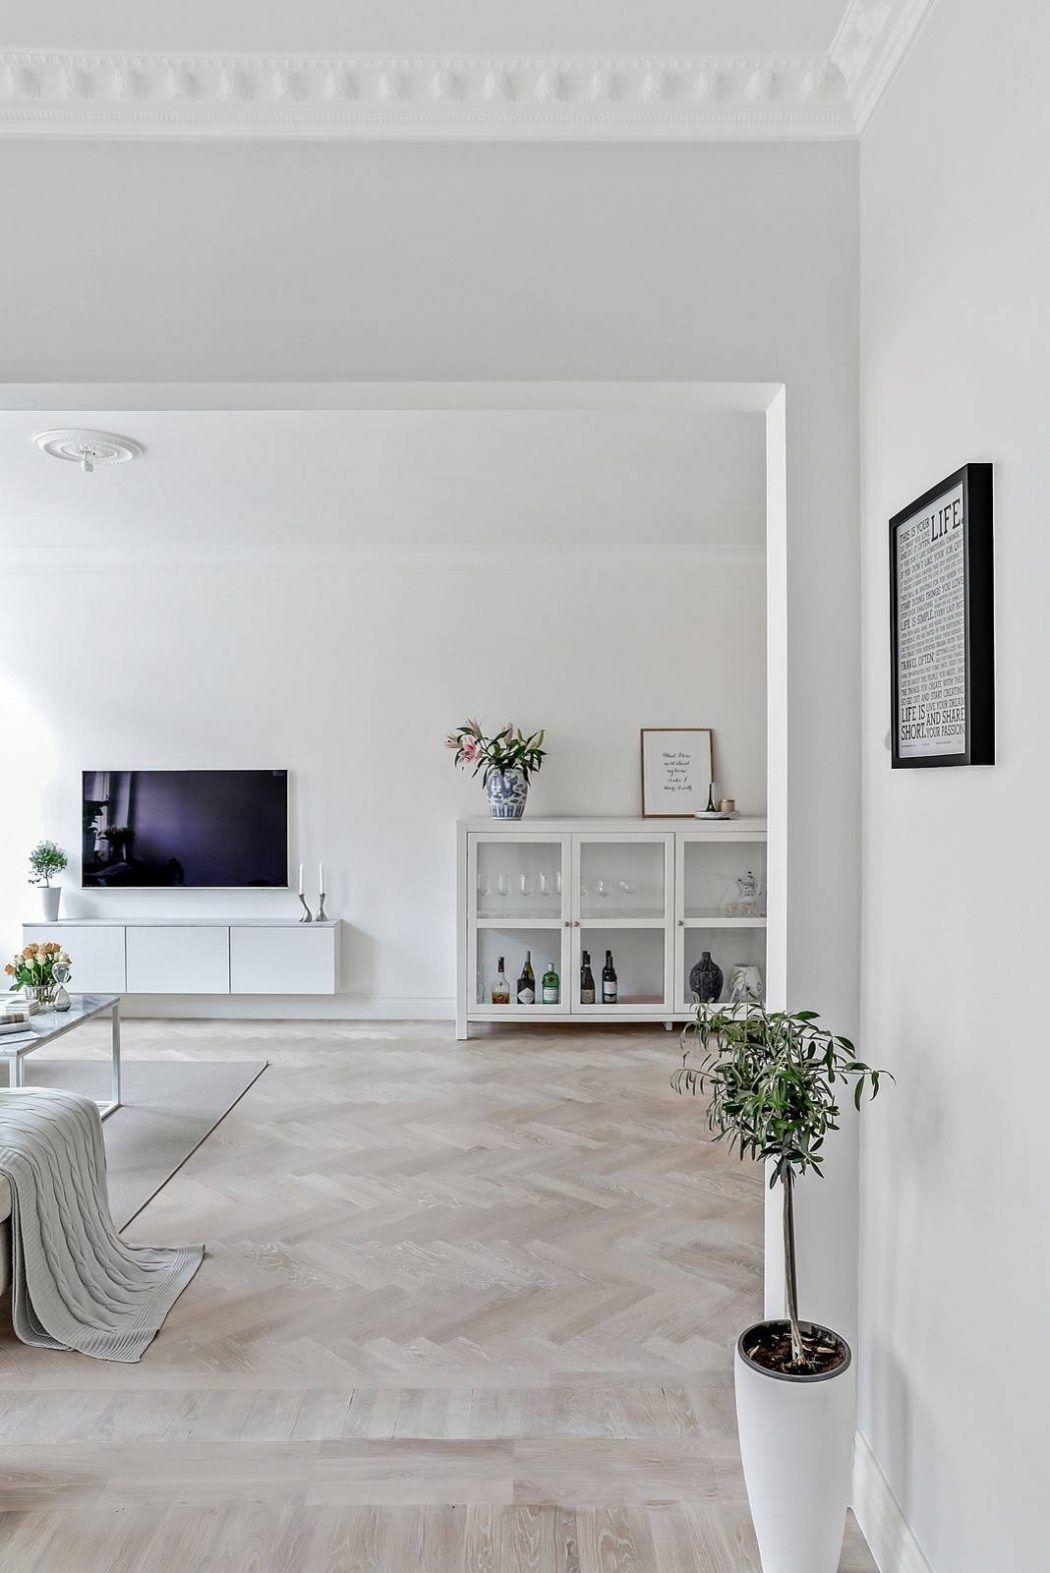 Haus außentor design apartment in malmö by bjurfors skåne  interior  pinterest